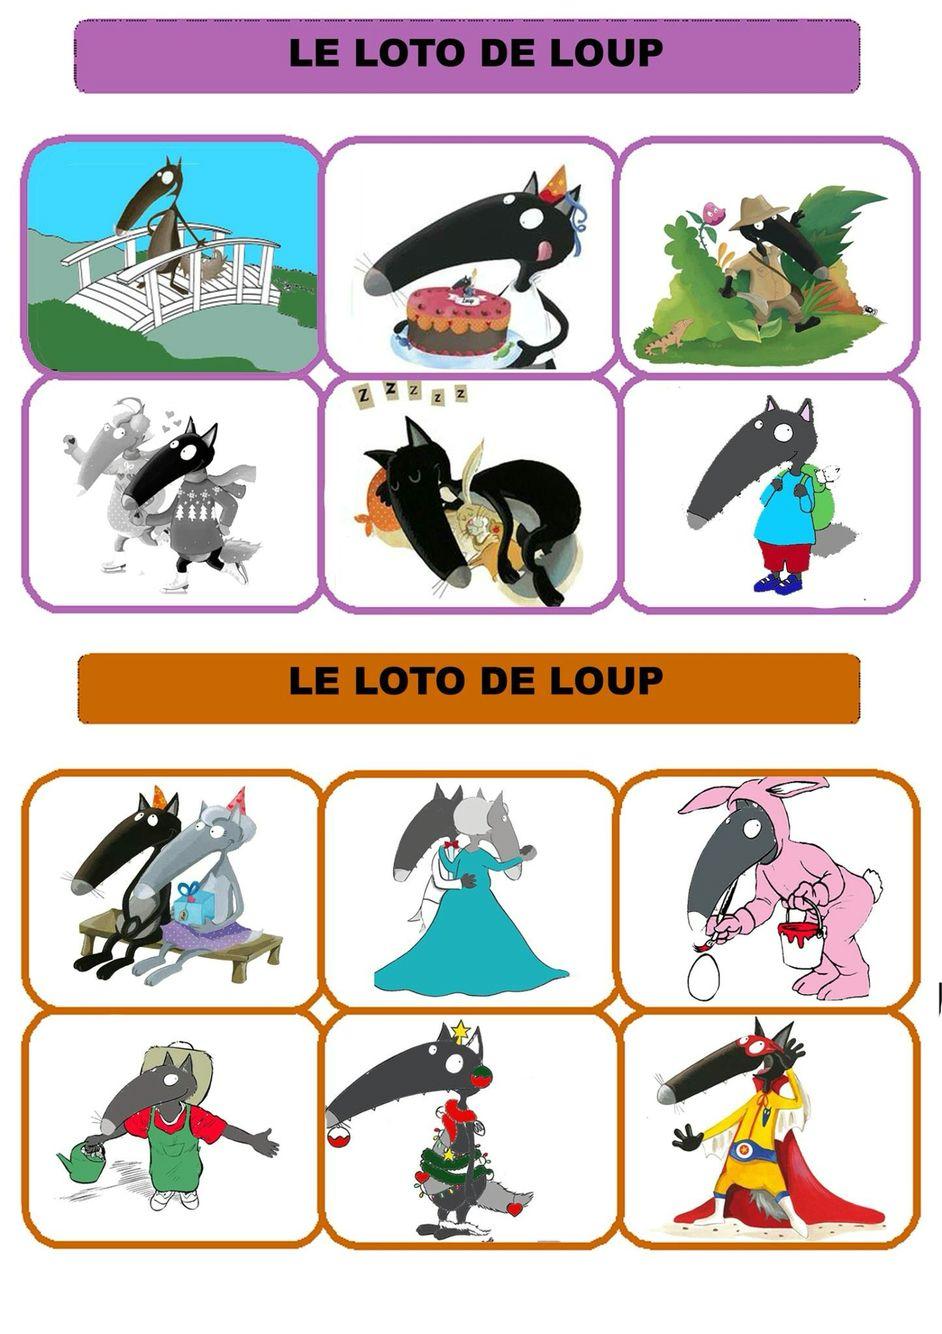 loto du loup qui voulait fle enfants petit loup livre le loup jeu du loup